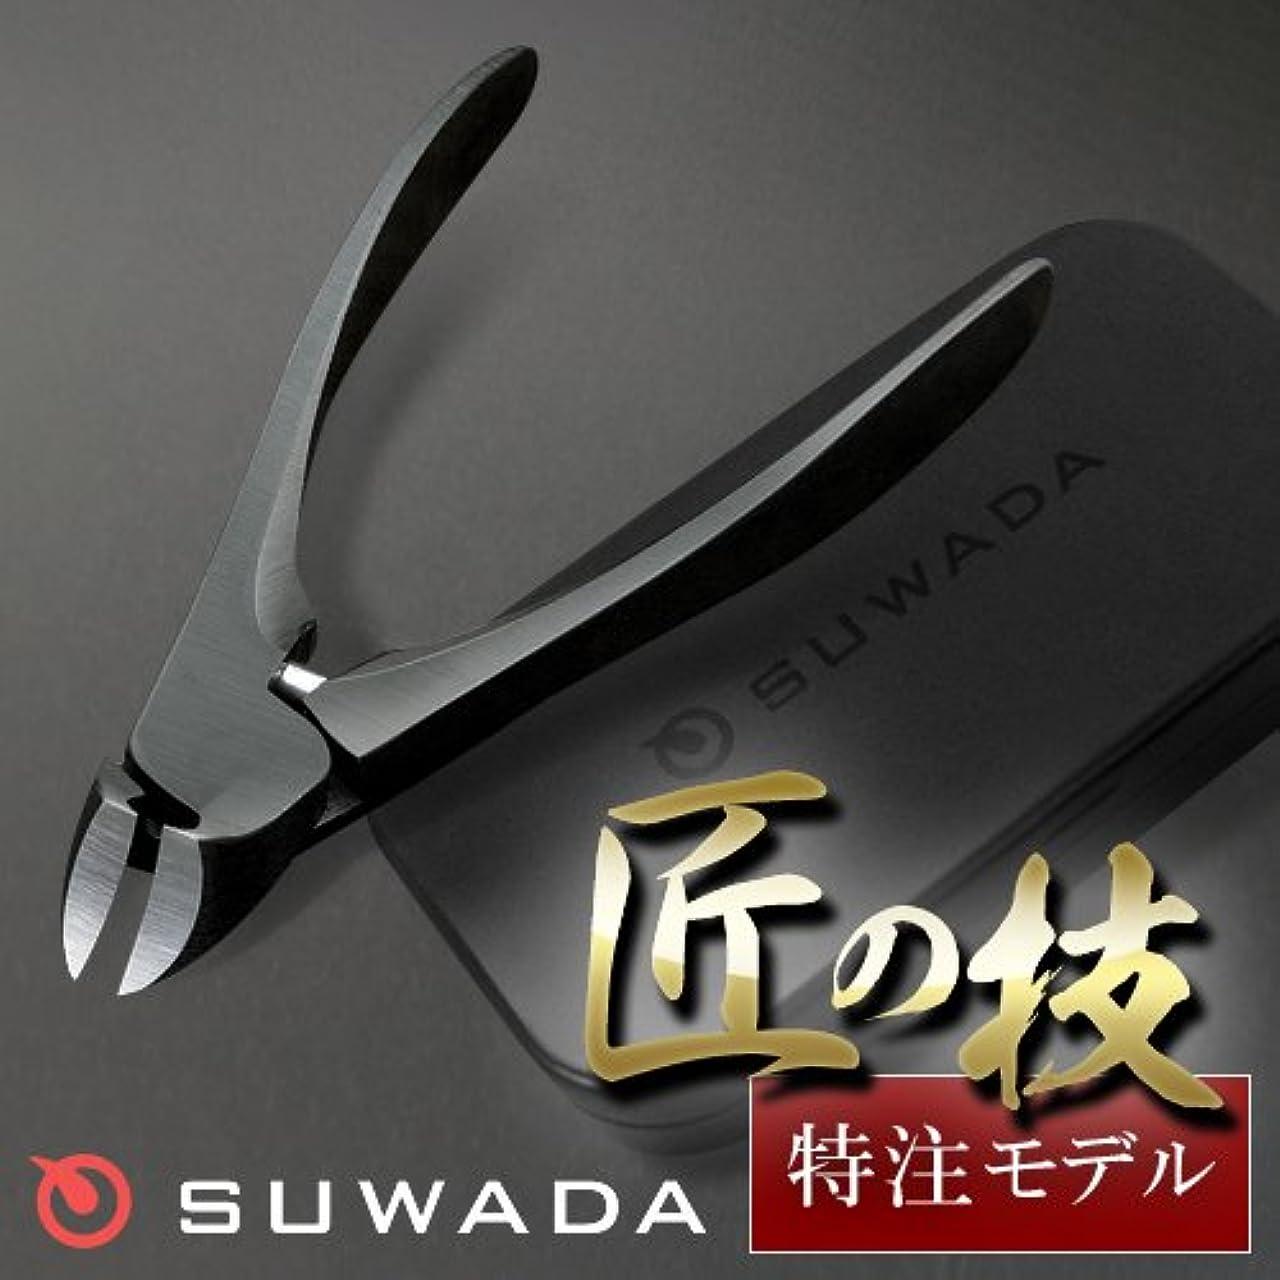 何よりも著名な監督するSUWADA爪切りブラックL&メタルケースセット 特注モデル 諏訪田製作所製 スワダの爪切り